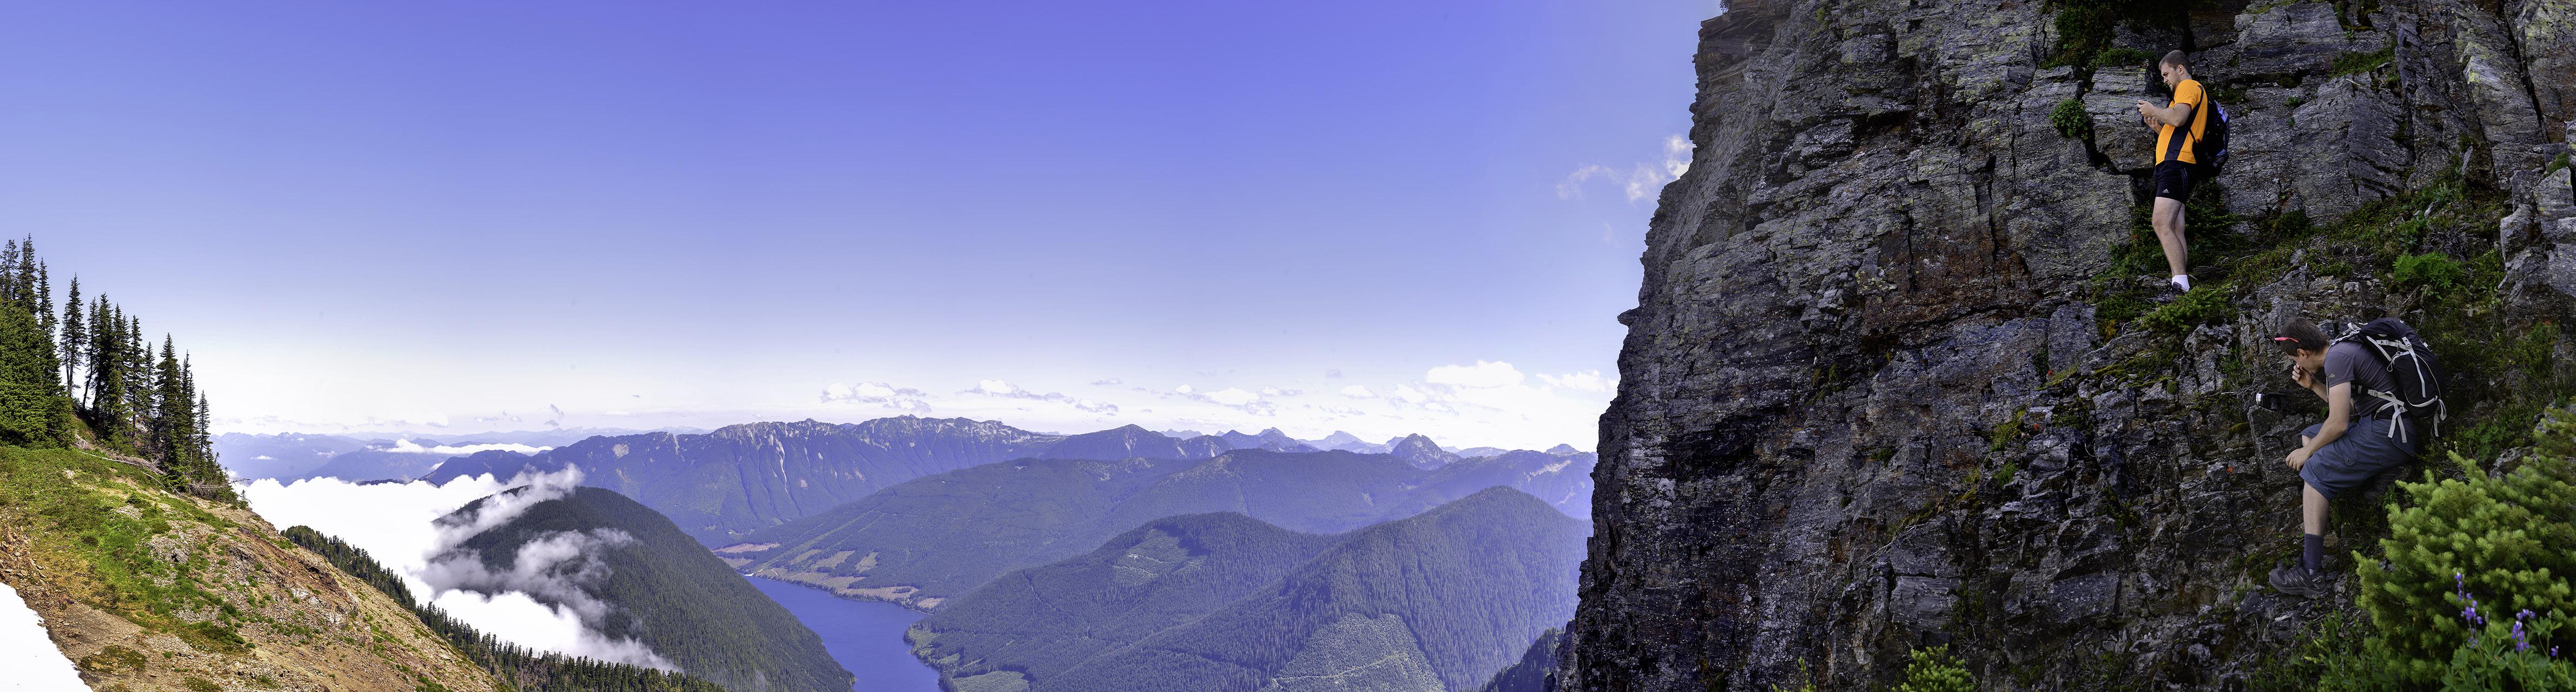 Панорамный вид с плато на Cheam Mountain